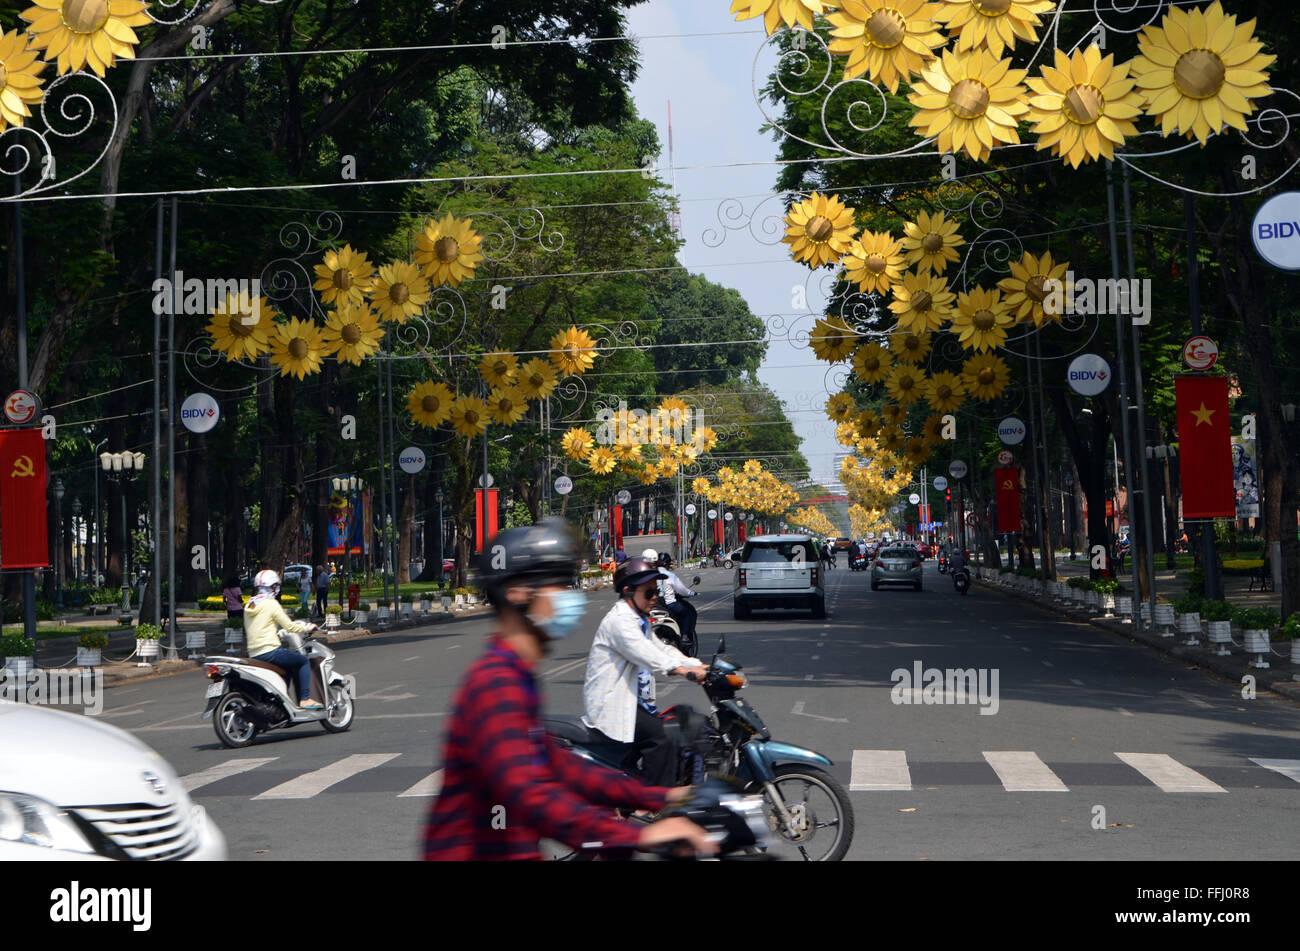 Saigon, VietNam.Les rues gaiement couvertes de bunting, drapeaux, et ces fleurs comme les gens se déplacer Photo Stock